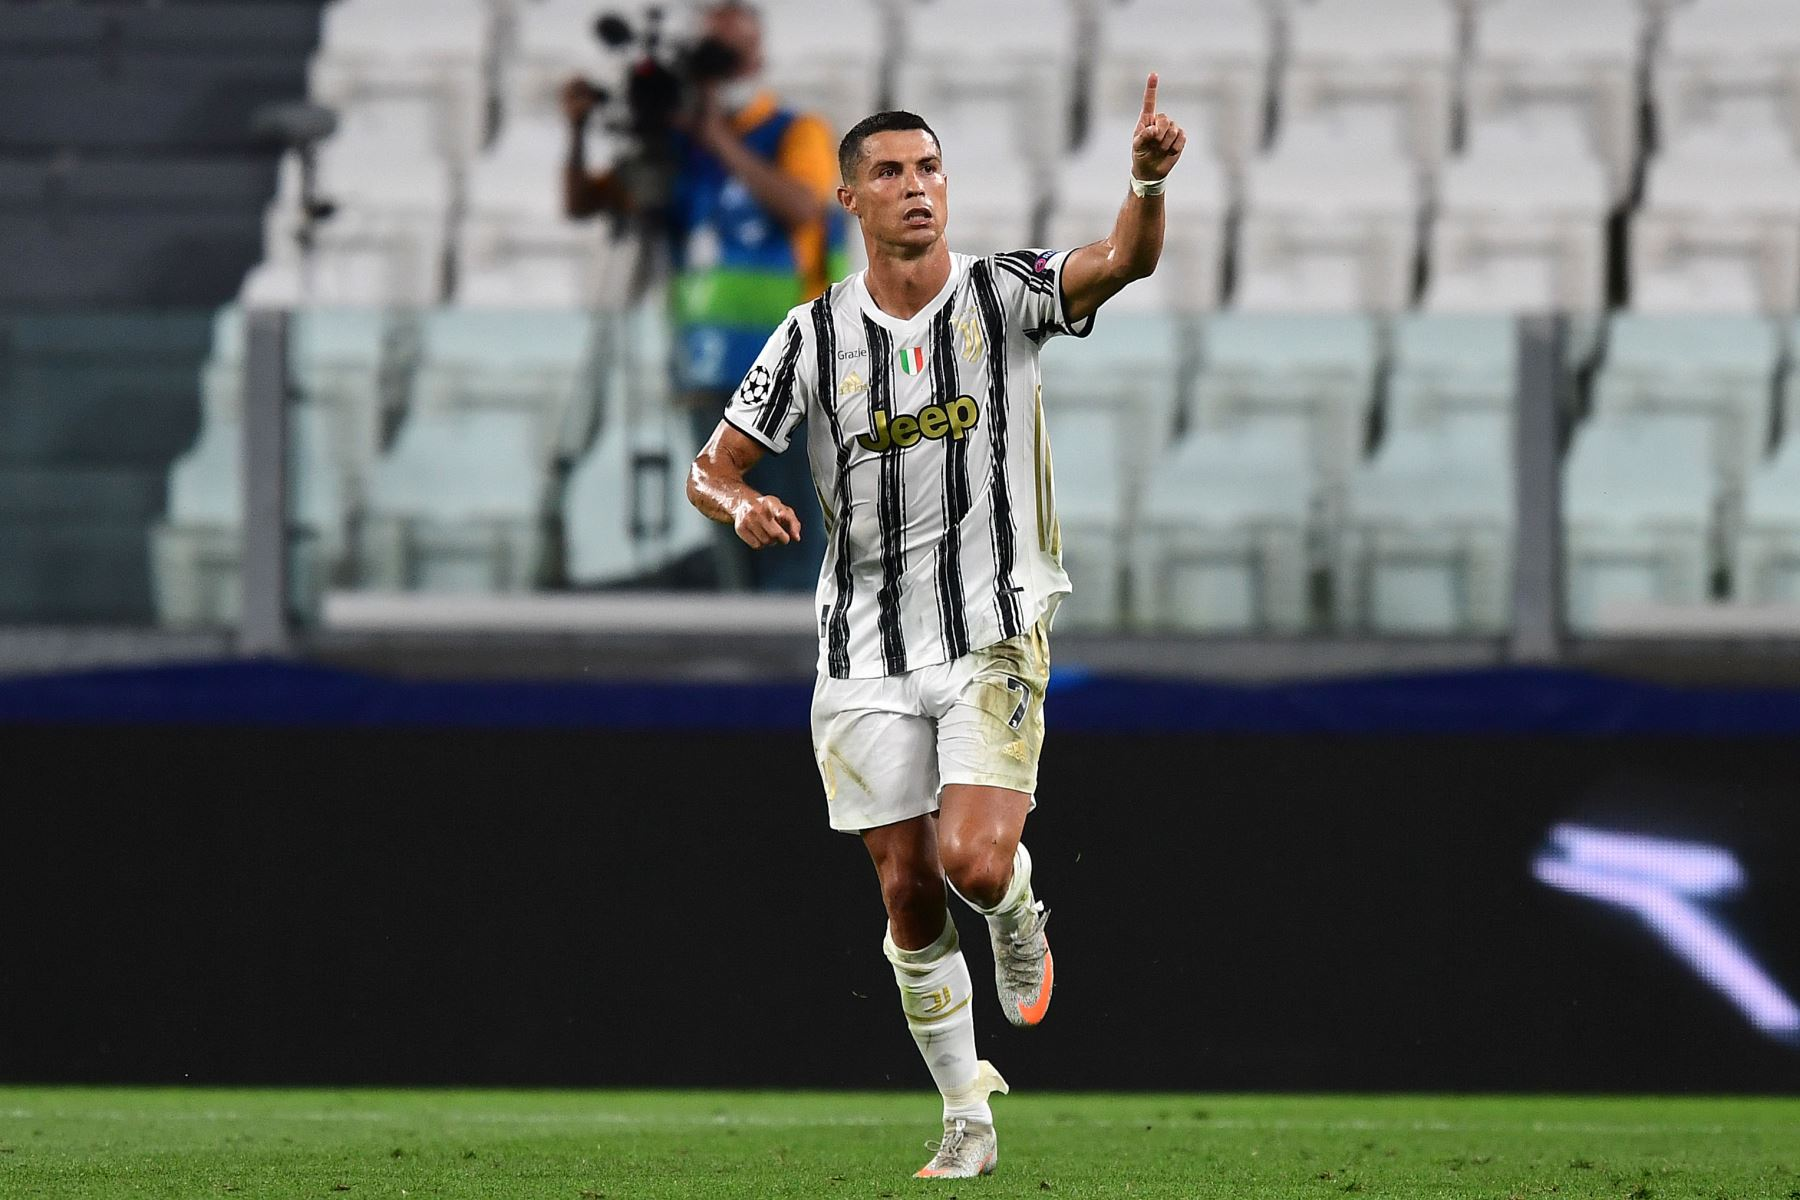 El delantero portugués de la Juventus, Cristiano Ronaldo, celebra el gol del primer gol de su equipo durante los octavos de final de la UEFA Champions League, partido de vuelta entre la Juventus y el Lyon. Foto: AFP